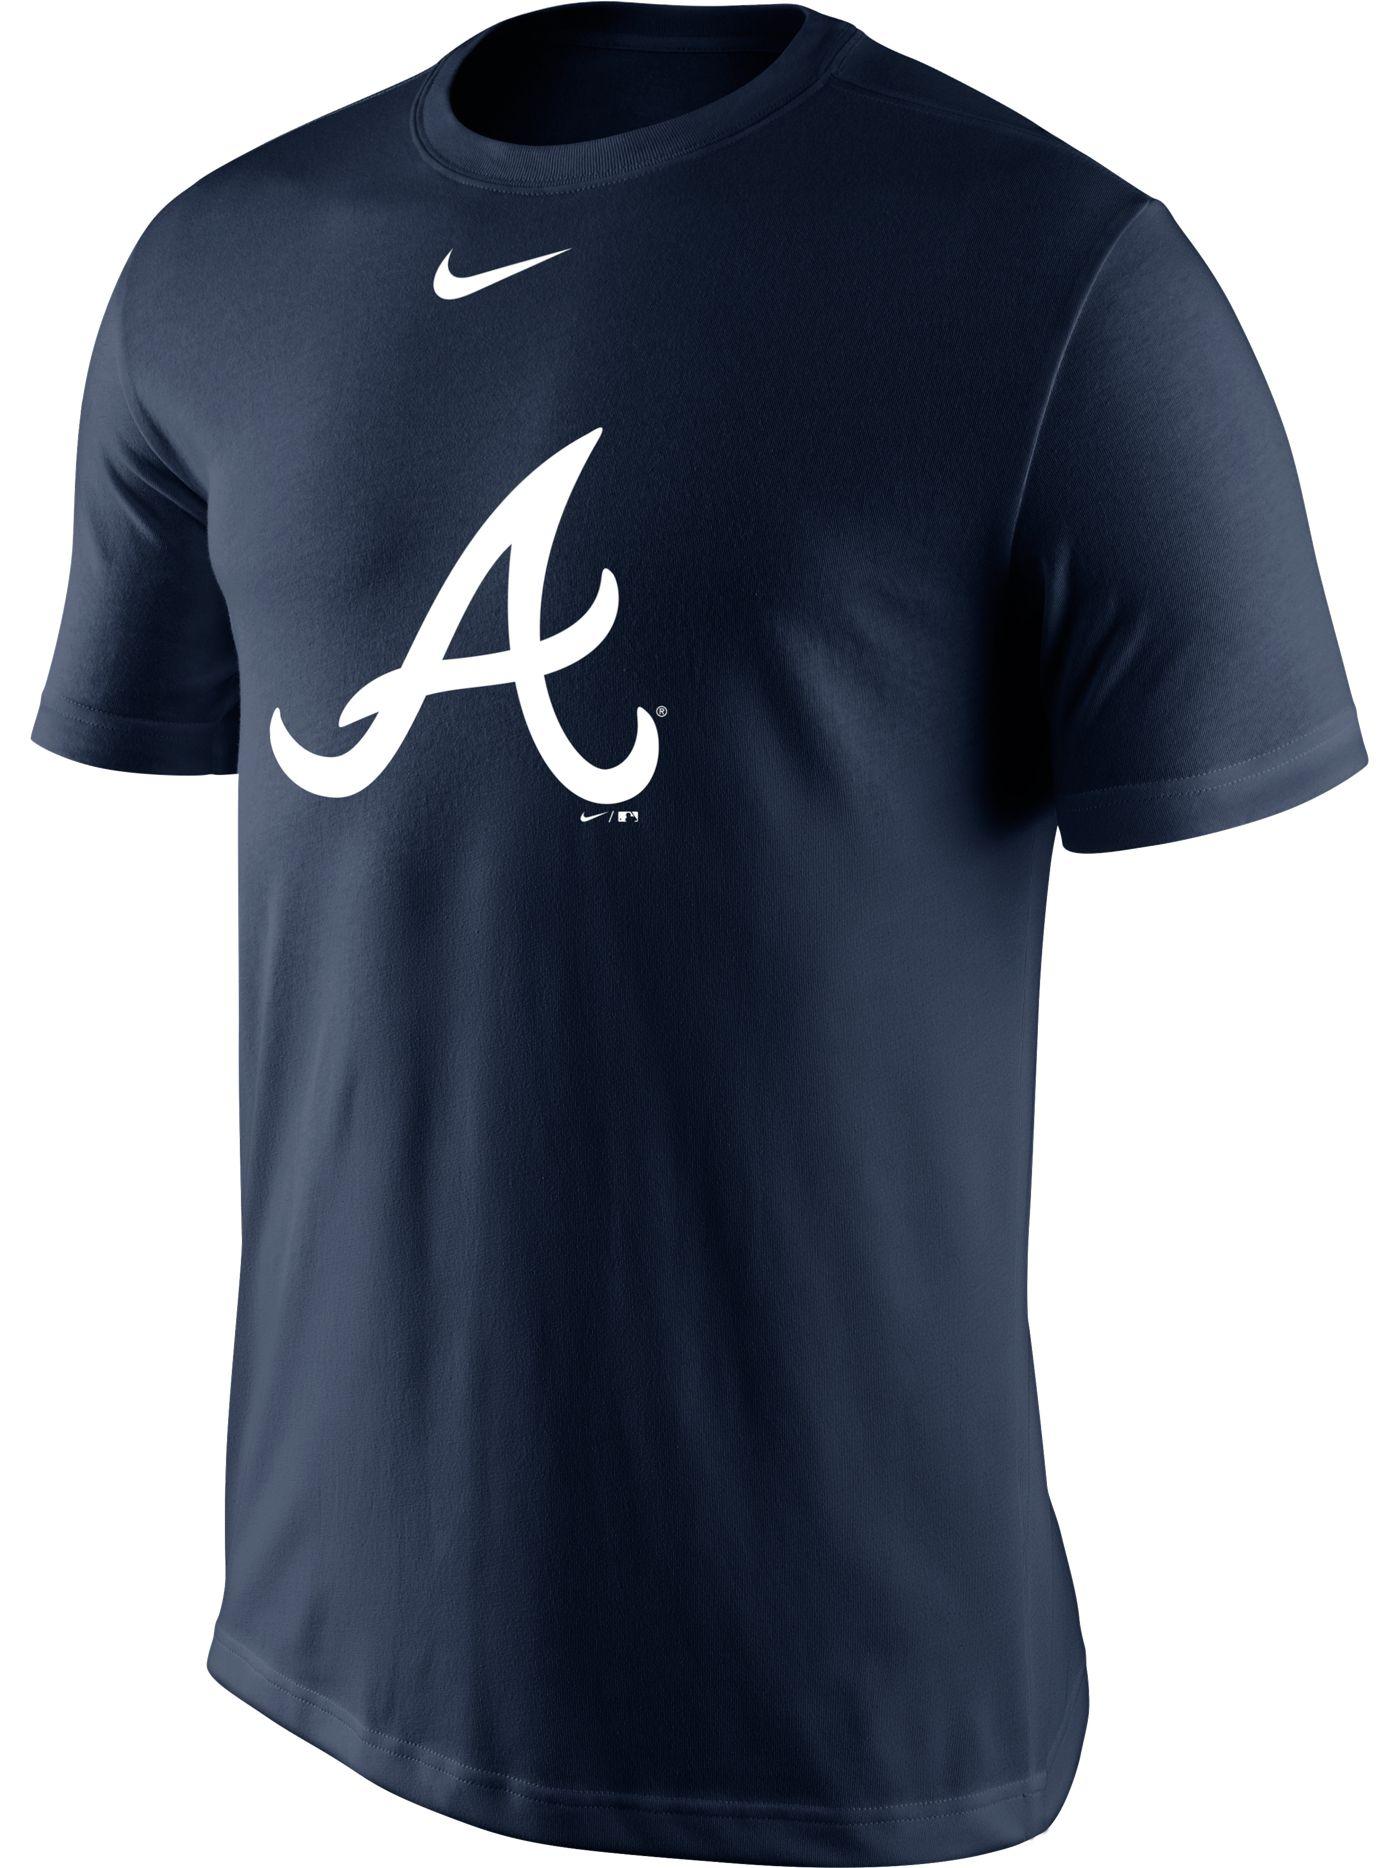 Nike Men's Atlanta Braves Dri-FIT Legend T-Shirt